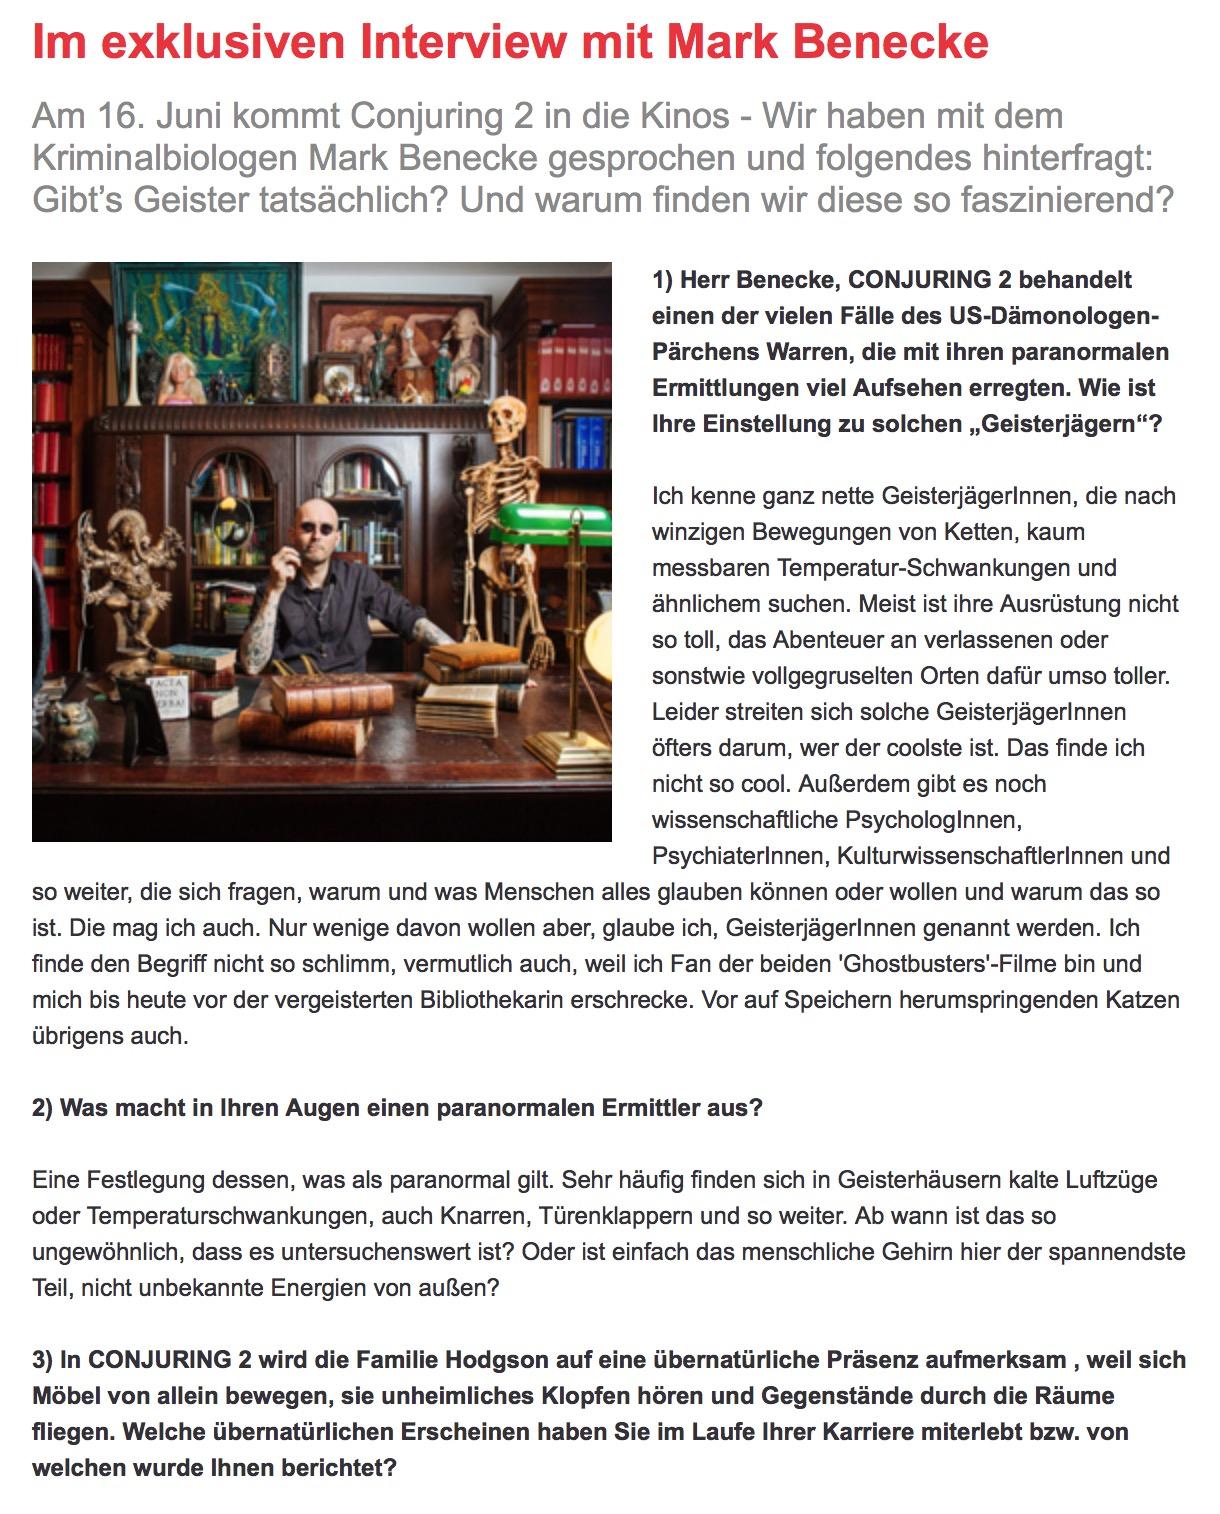 2016 06 10 Like Gibt Es Geister Tatsaechlich Mark Benecke